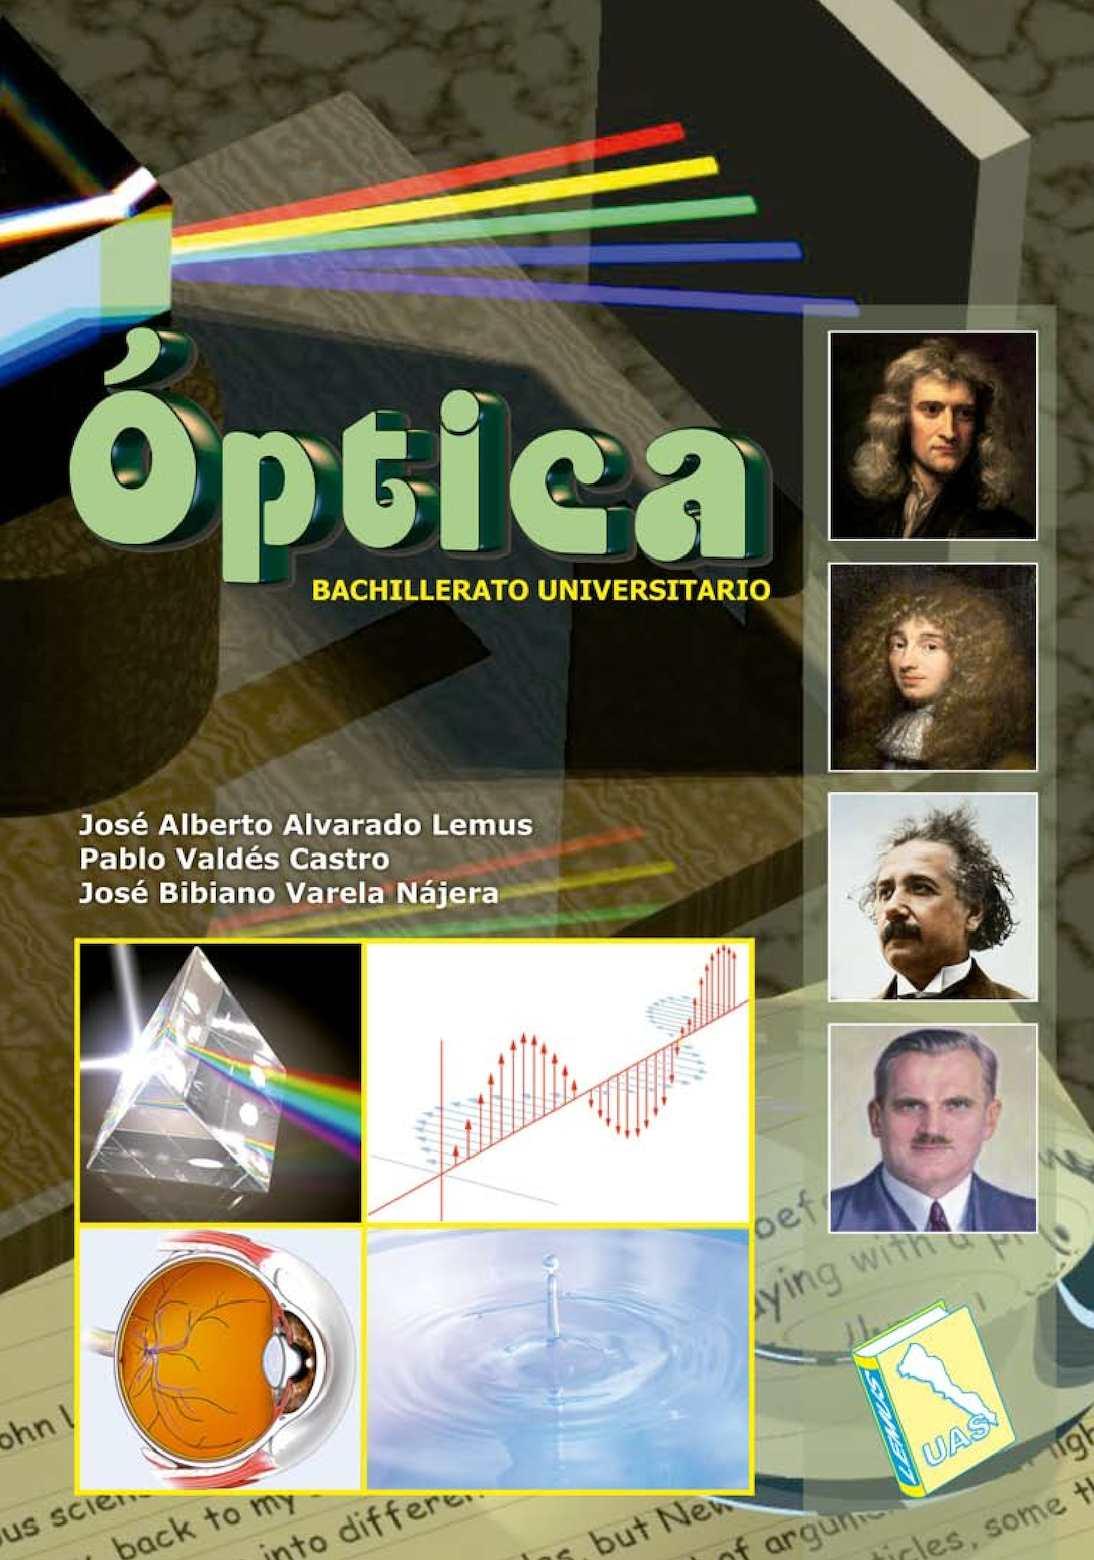 Óptica; Dr José Alberto Alvarado Lemus y Otros